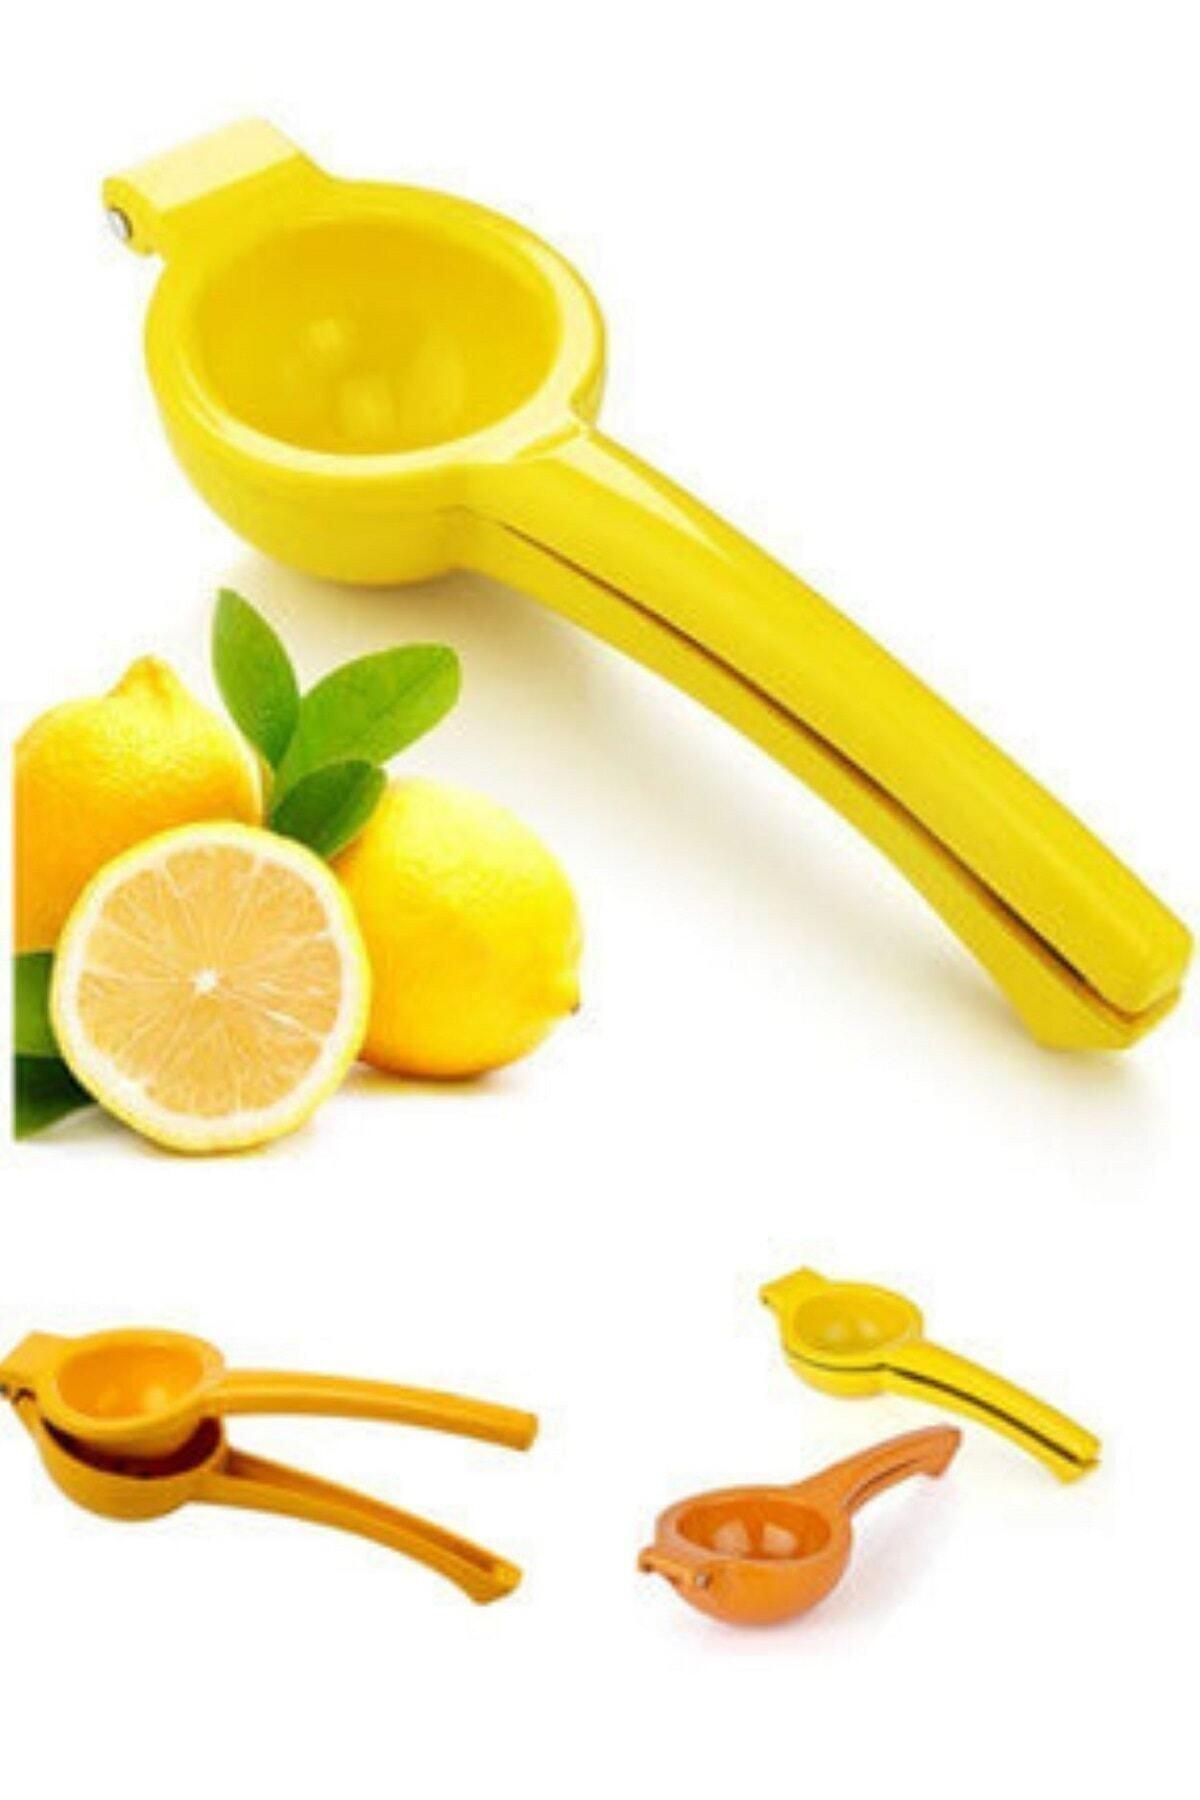 عصارة الليمون المعدنية العملية | ديكور المنزل والمطبخ | مفيدة | الاستخدام اليومي والهدايا